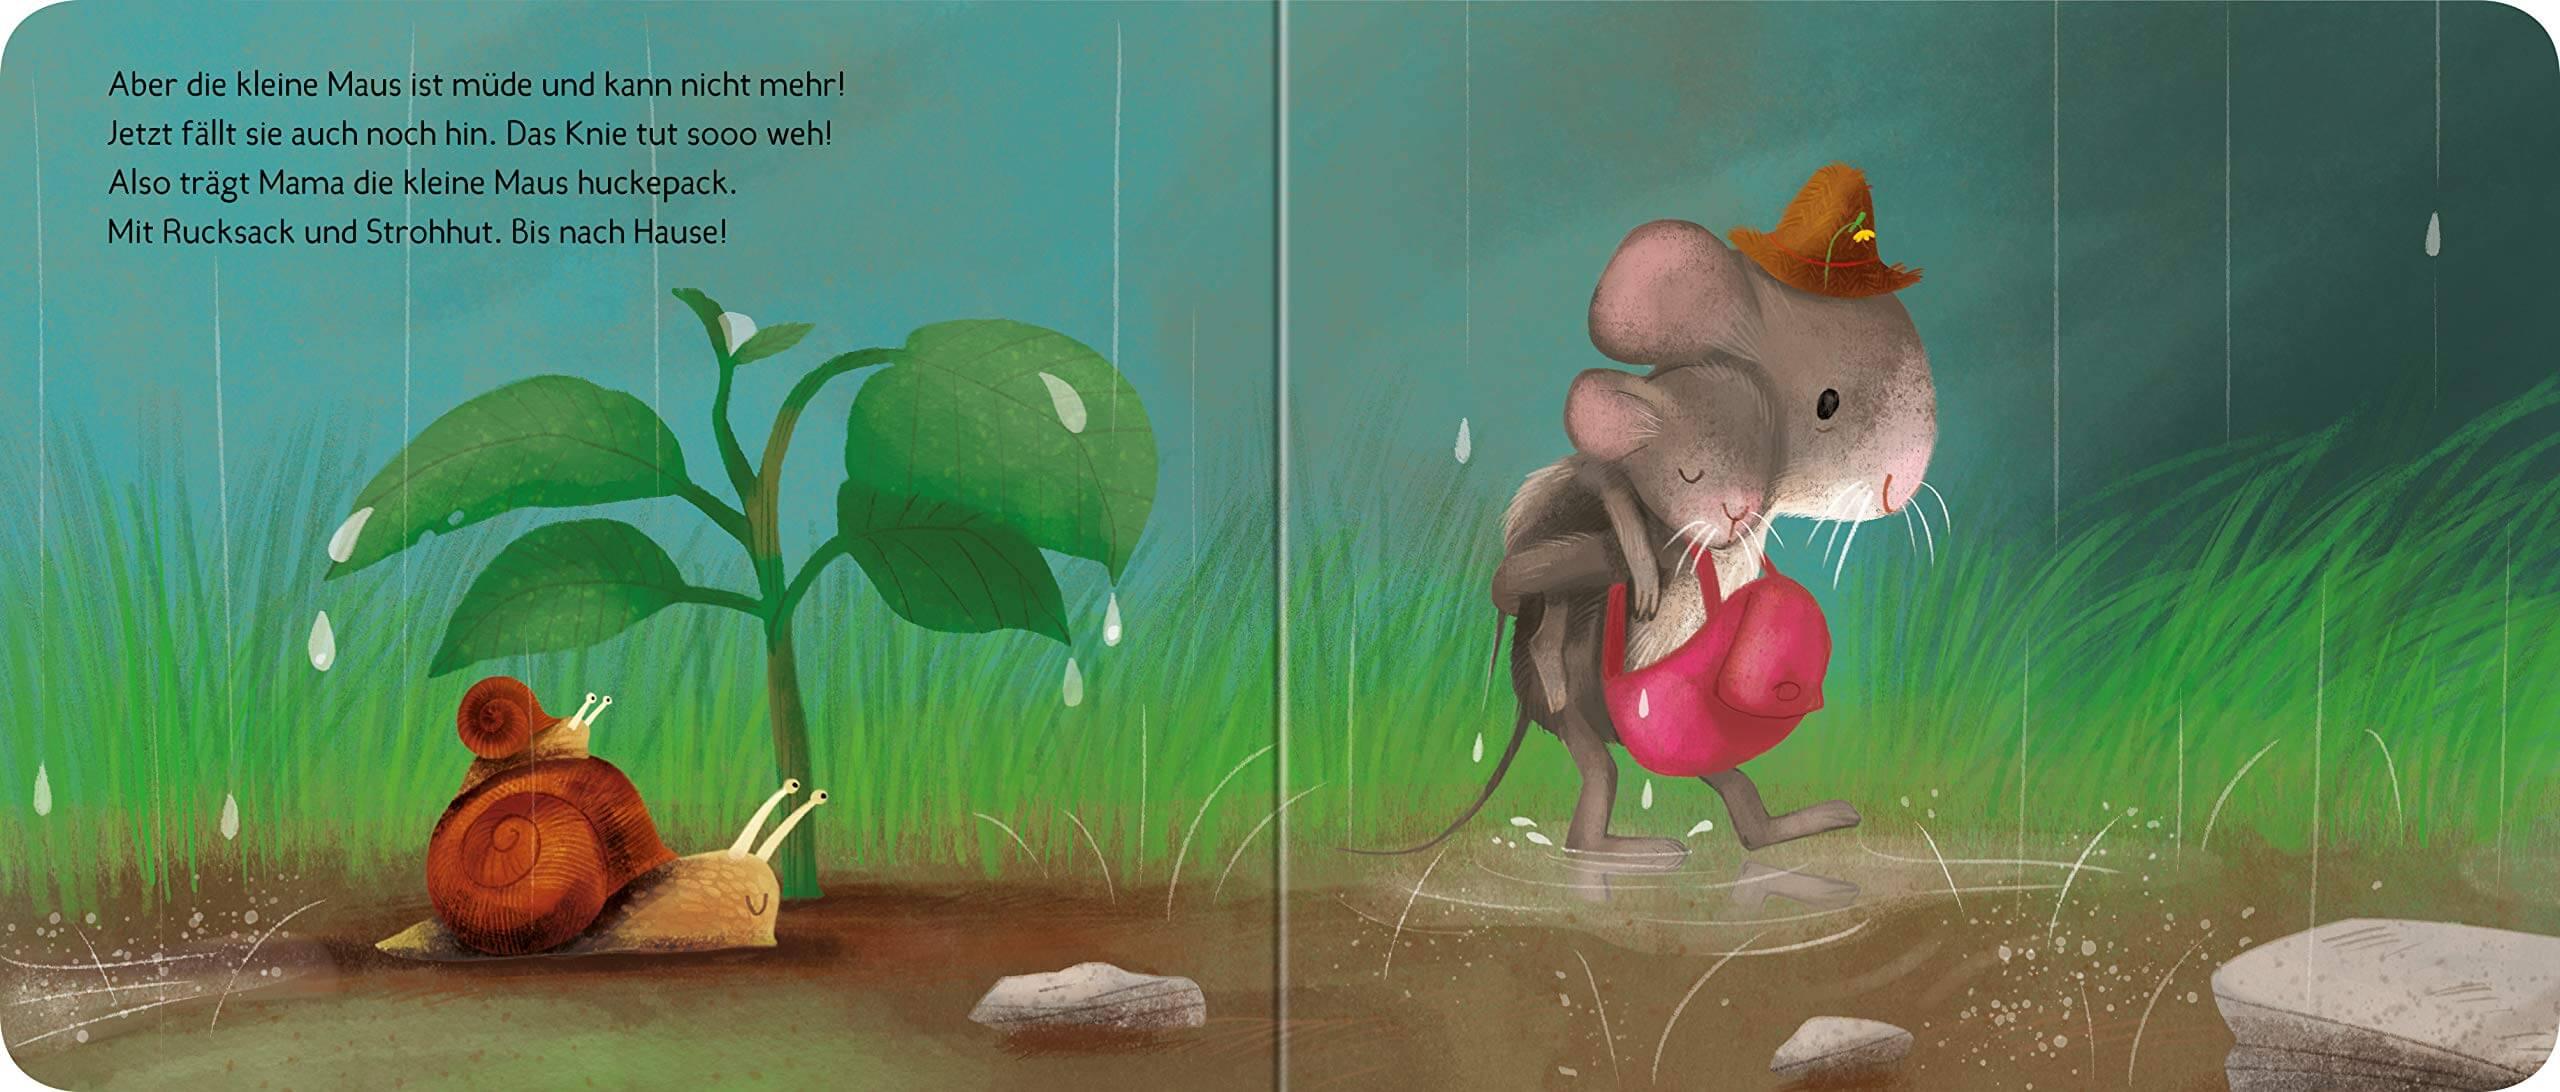 Ich hab dich lieb, kleine Maus